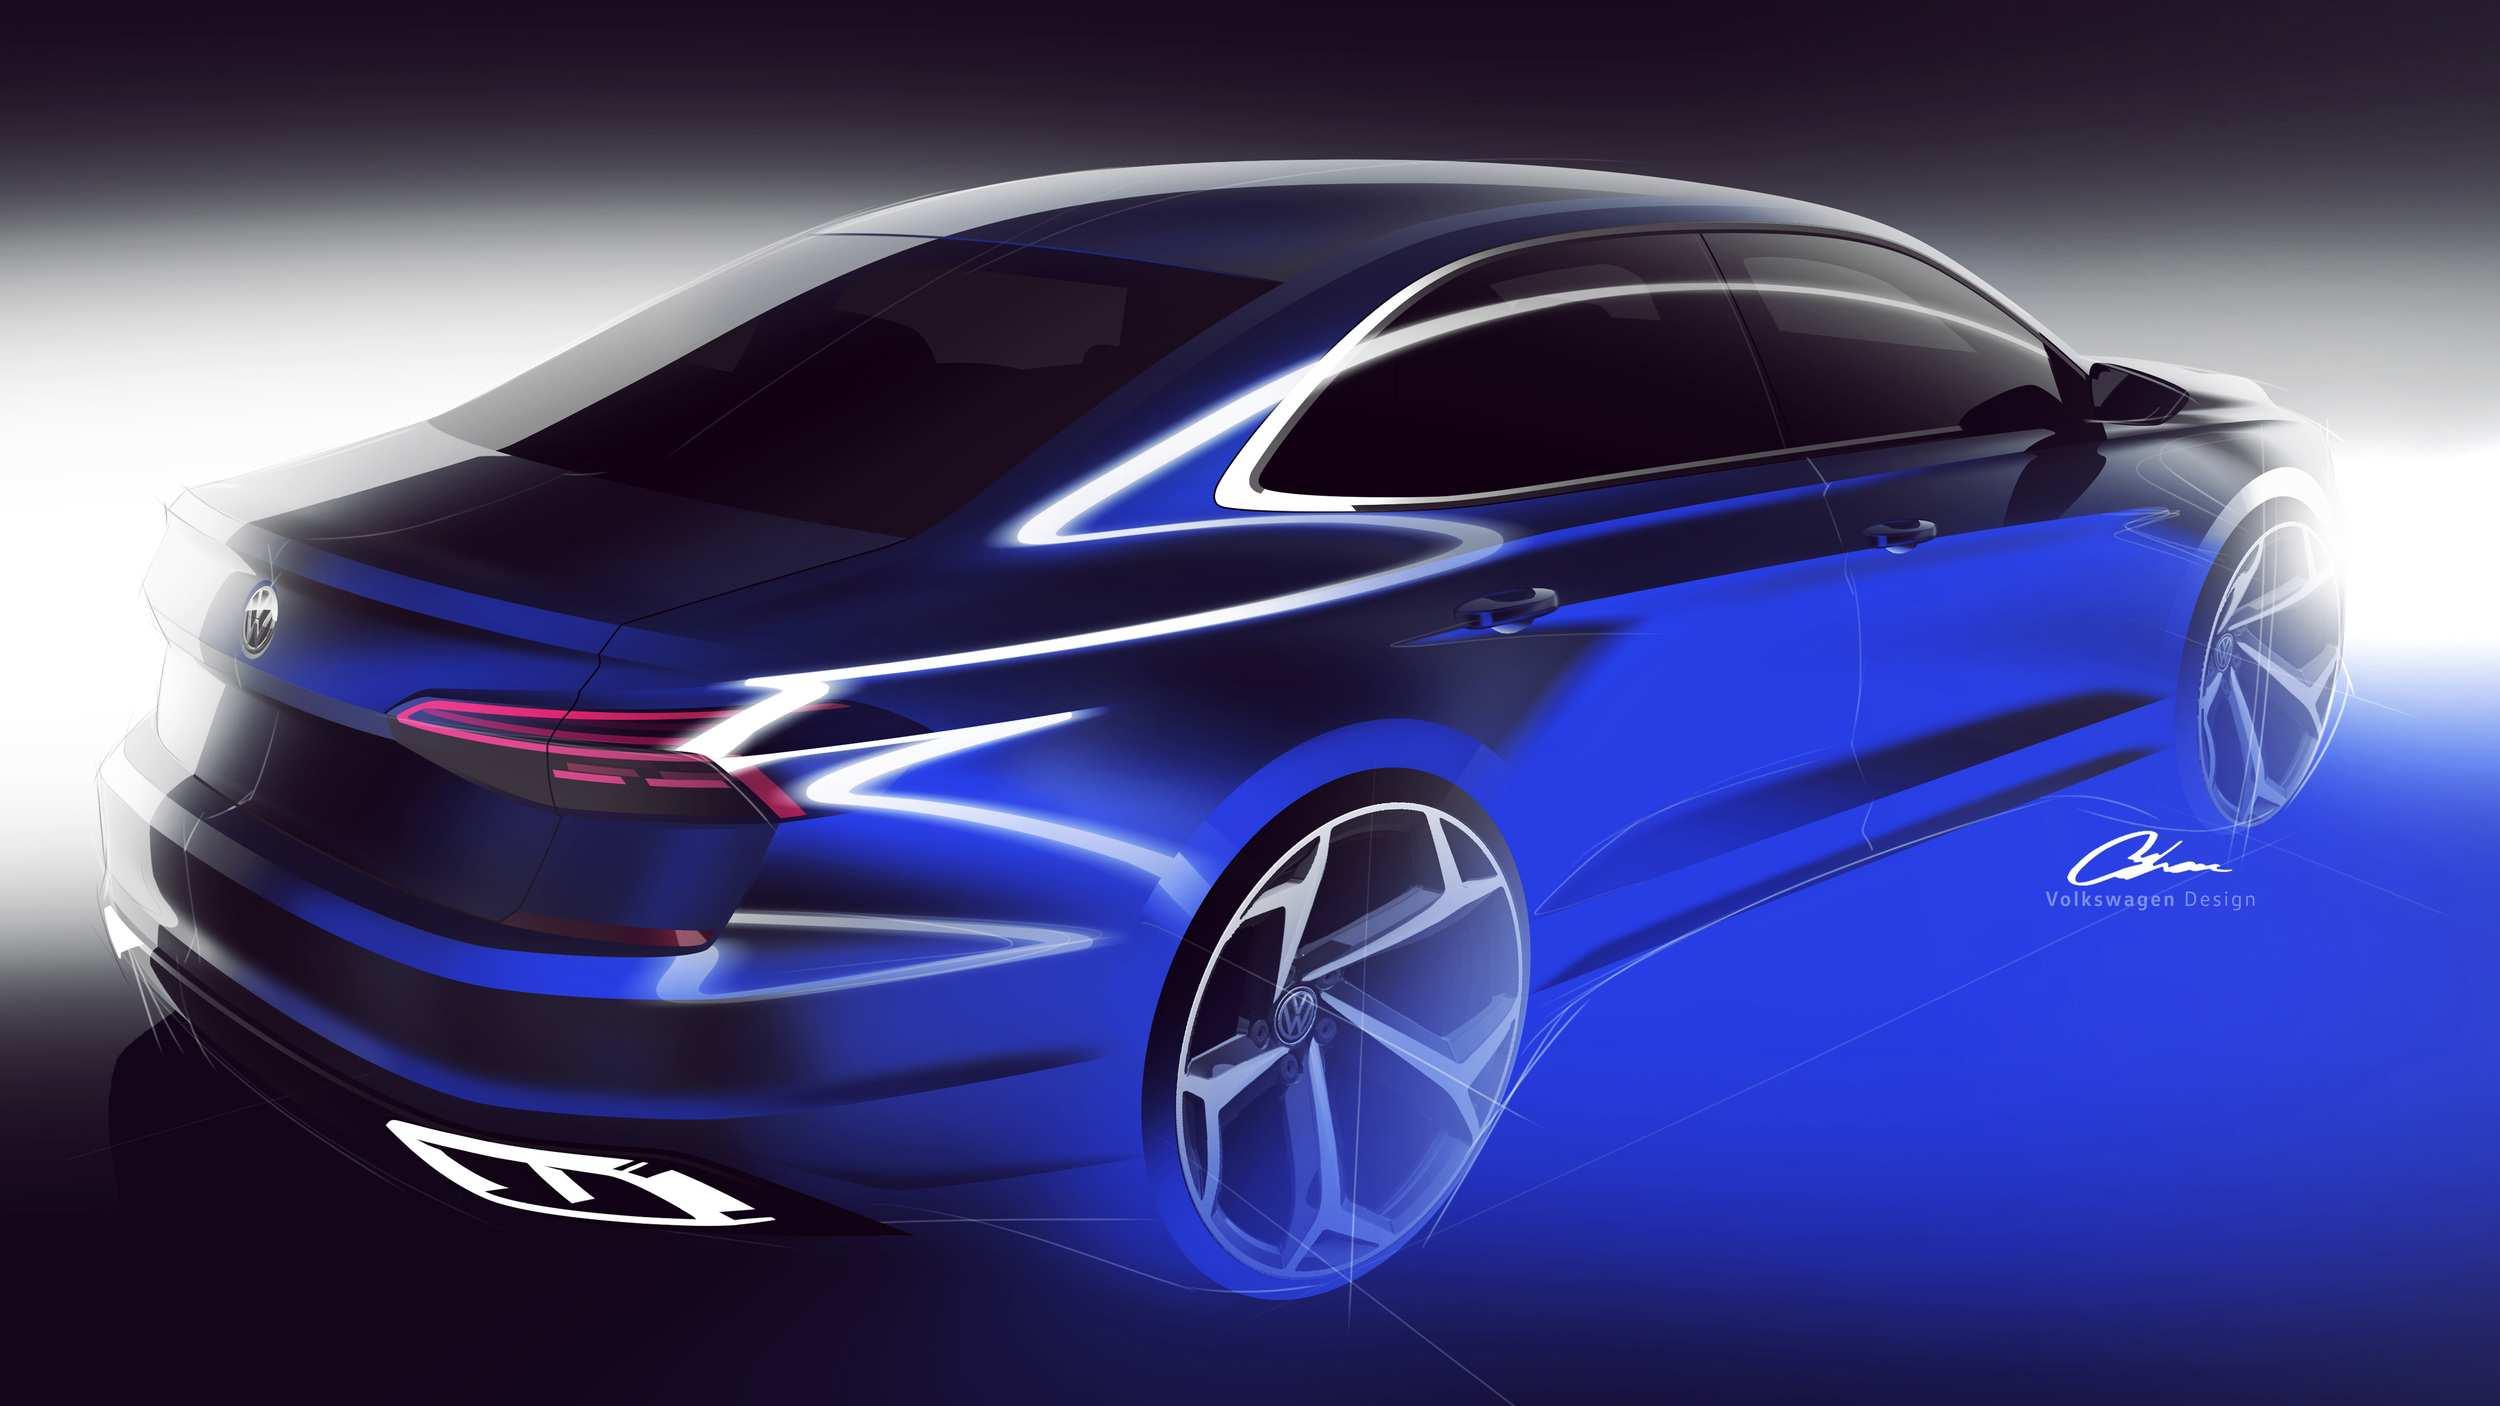 20 All New Volkswagen Passat 2020 New Concept Release Date with Volkswagen Passat 2020 New Concept